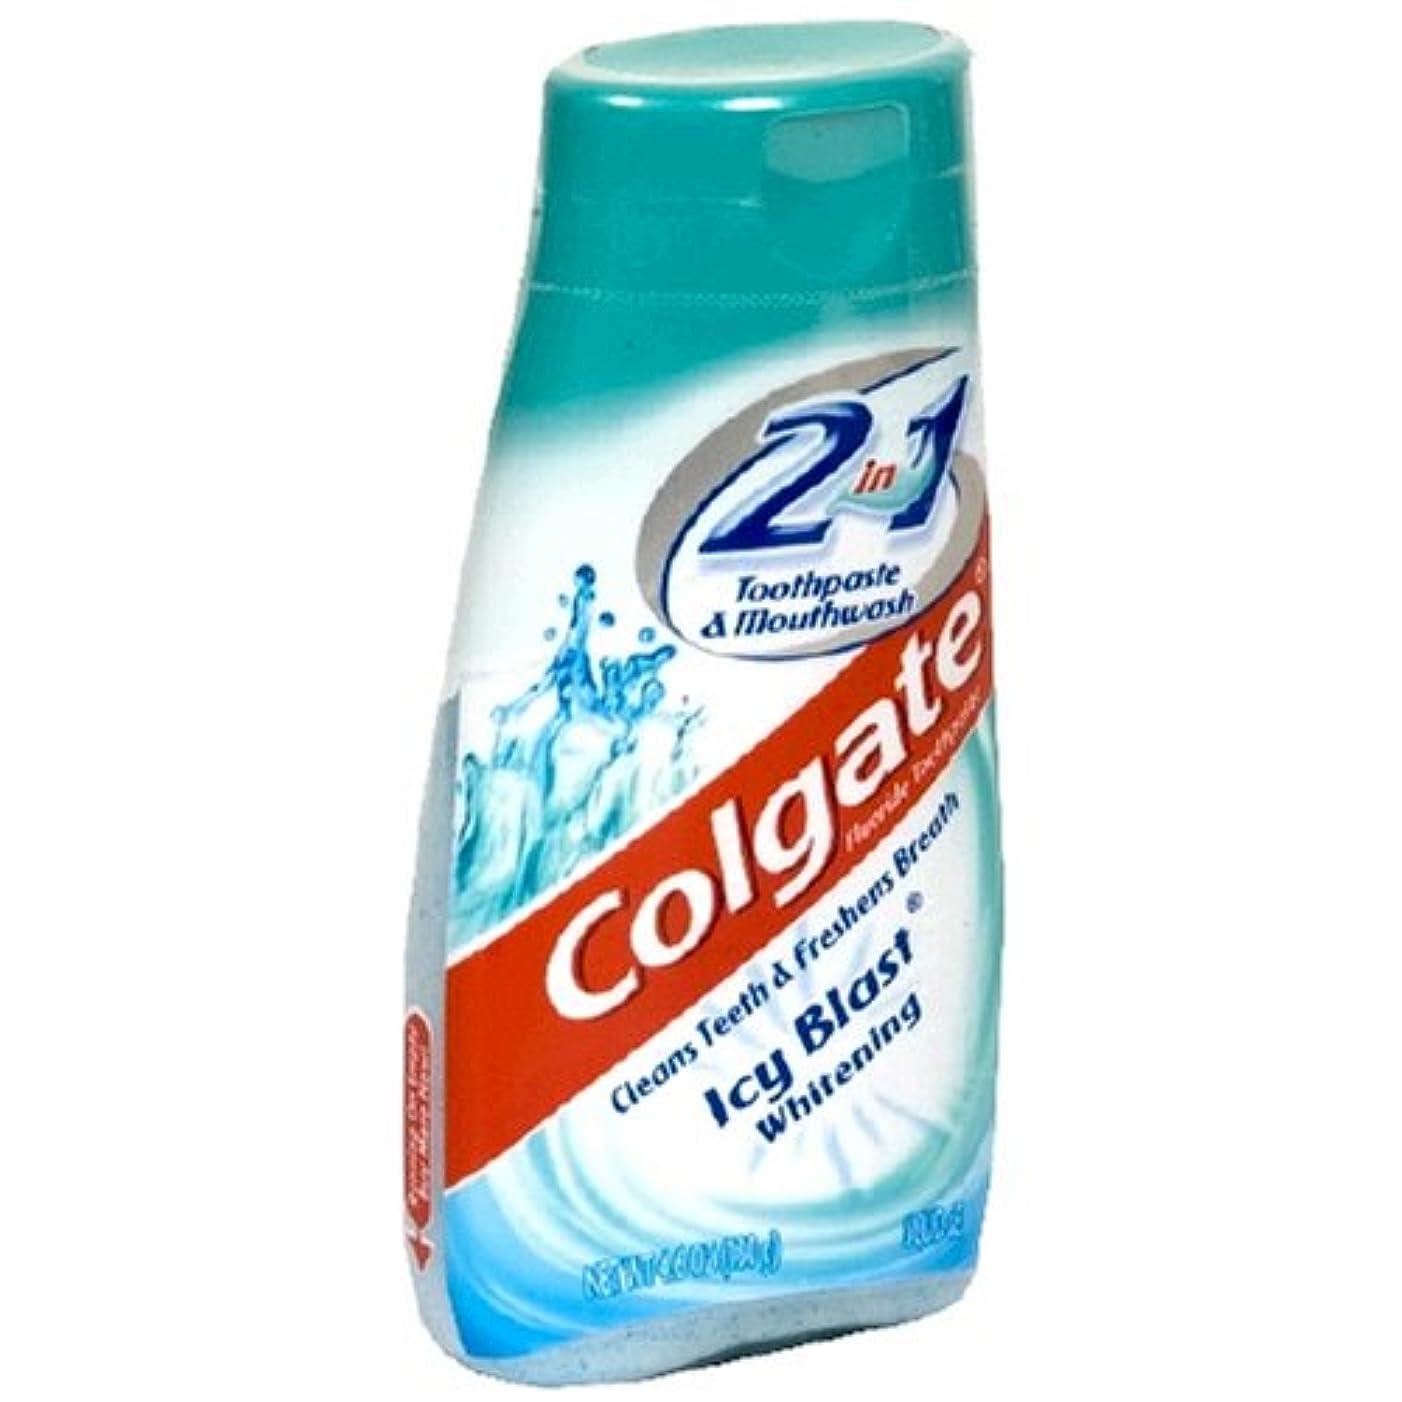 しがみつく縁石戦闘Colgate 2で1歯磨き粉およびマウスウォッシュ、美白アイシーブラスト - 4.6オズ